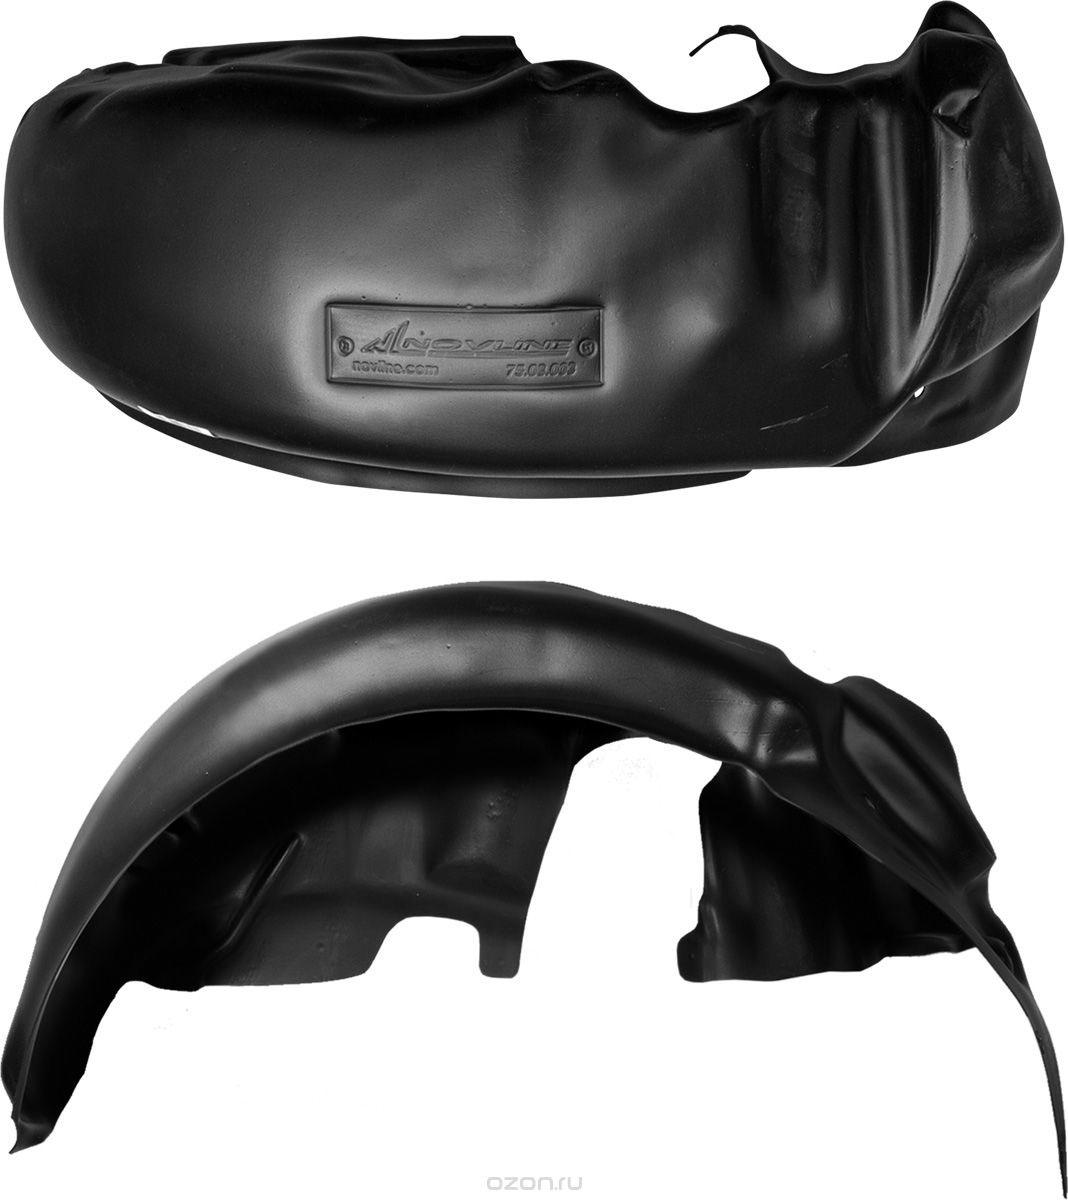 Подкрылок Novline-Autofamily, для HAVAL H8, 09/2015->, передний правый44005003Идеальная защита колесной ниши. Локеры разработаны с применением цифровых технологий, гарантируют максимальную повторяемость поверхности арки. Изделия устанавливаются без нарушения лакокрасочного покрытия автомобиля, каждый подкрылок комплектуется крепежом. Уважаемые клиенты, обращаем ваше внимание, что фотографии на подкрылки универсальные и не отражают реальную форму изделия. При этом само изделие идет точно под размер указанного автомобиля.